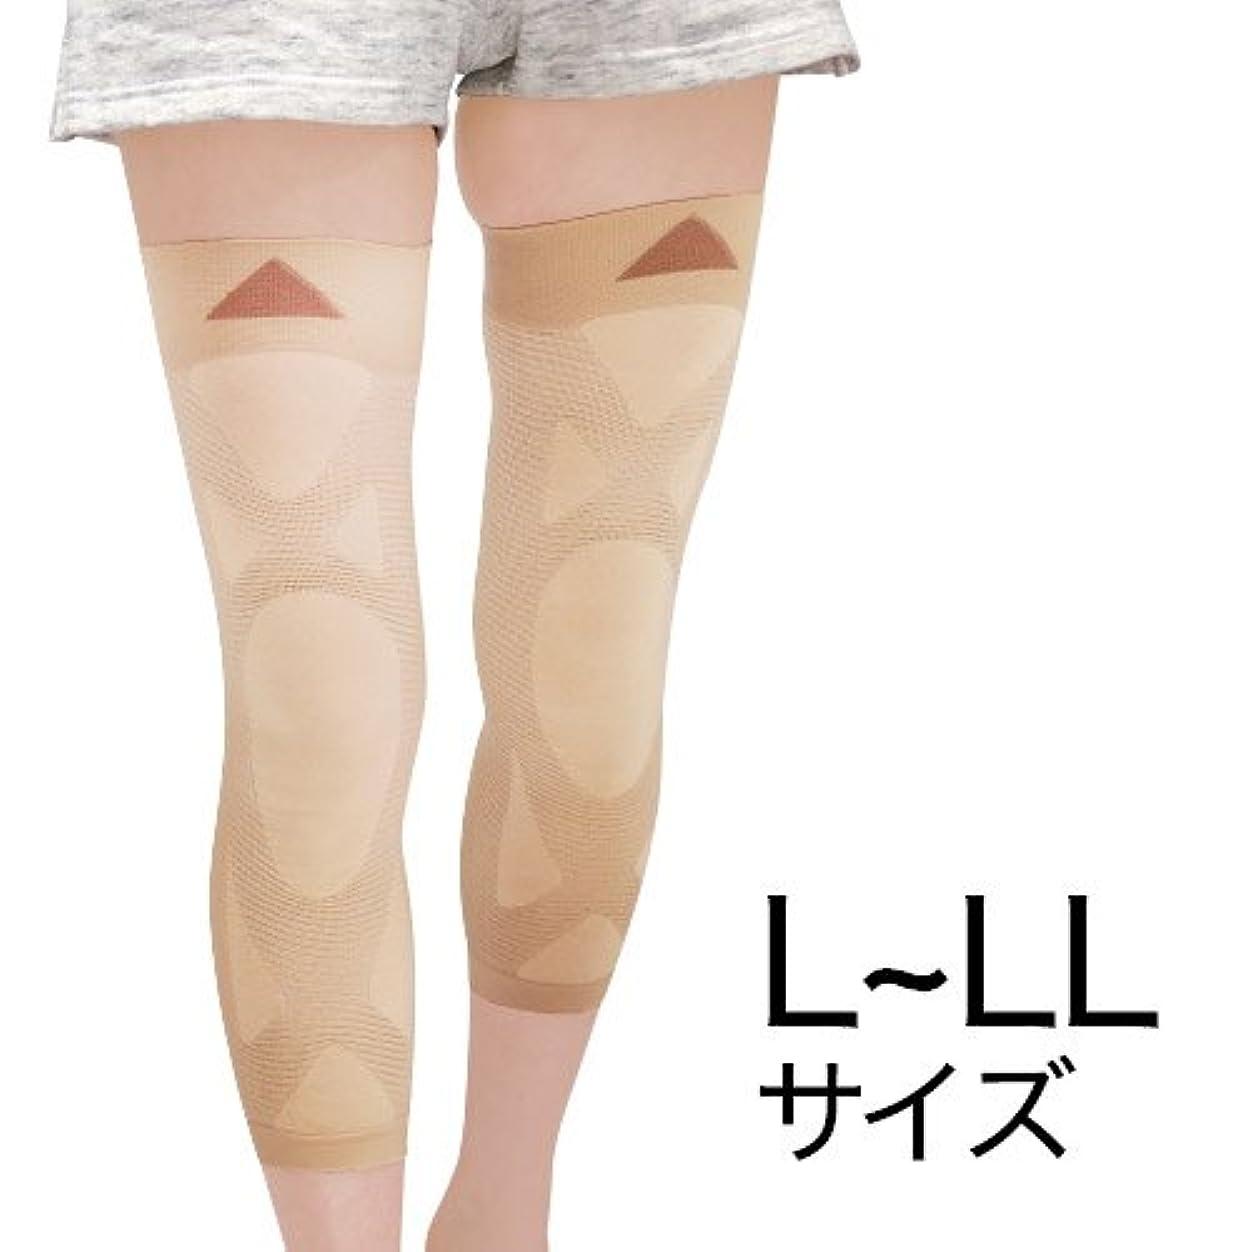 キャンドル型飼料ナチュラルガーデン 膝楽サポーター L~LL(左右共通2枚組)